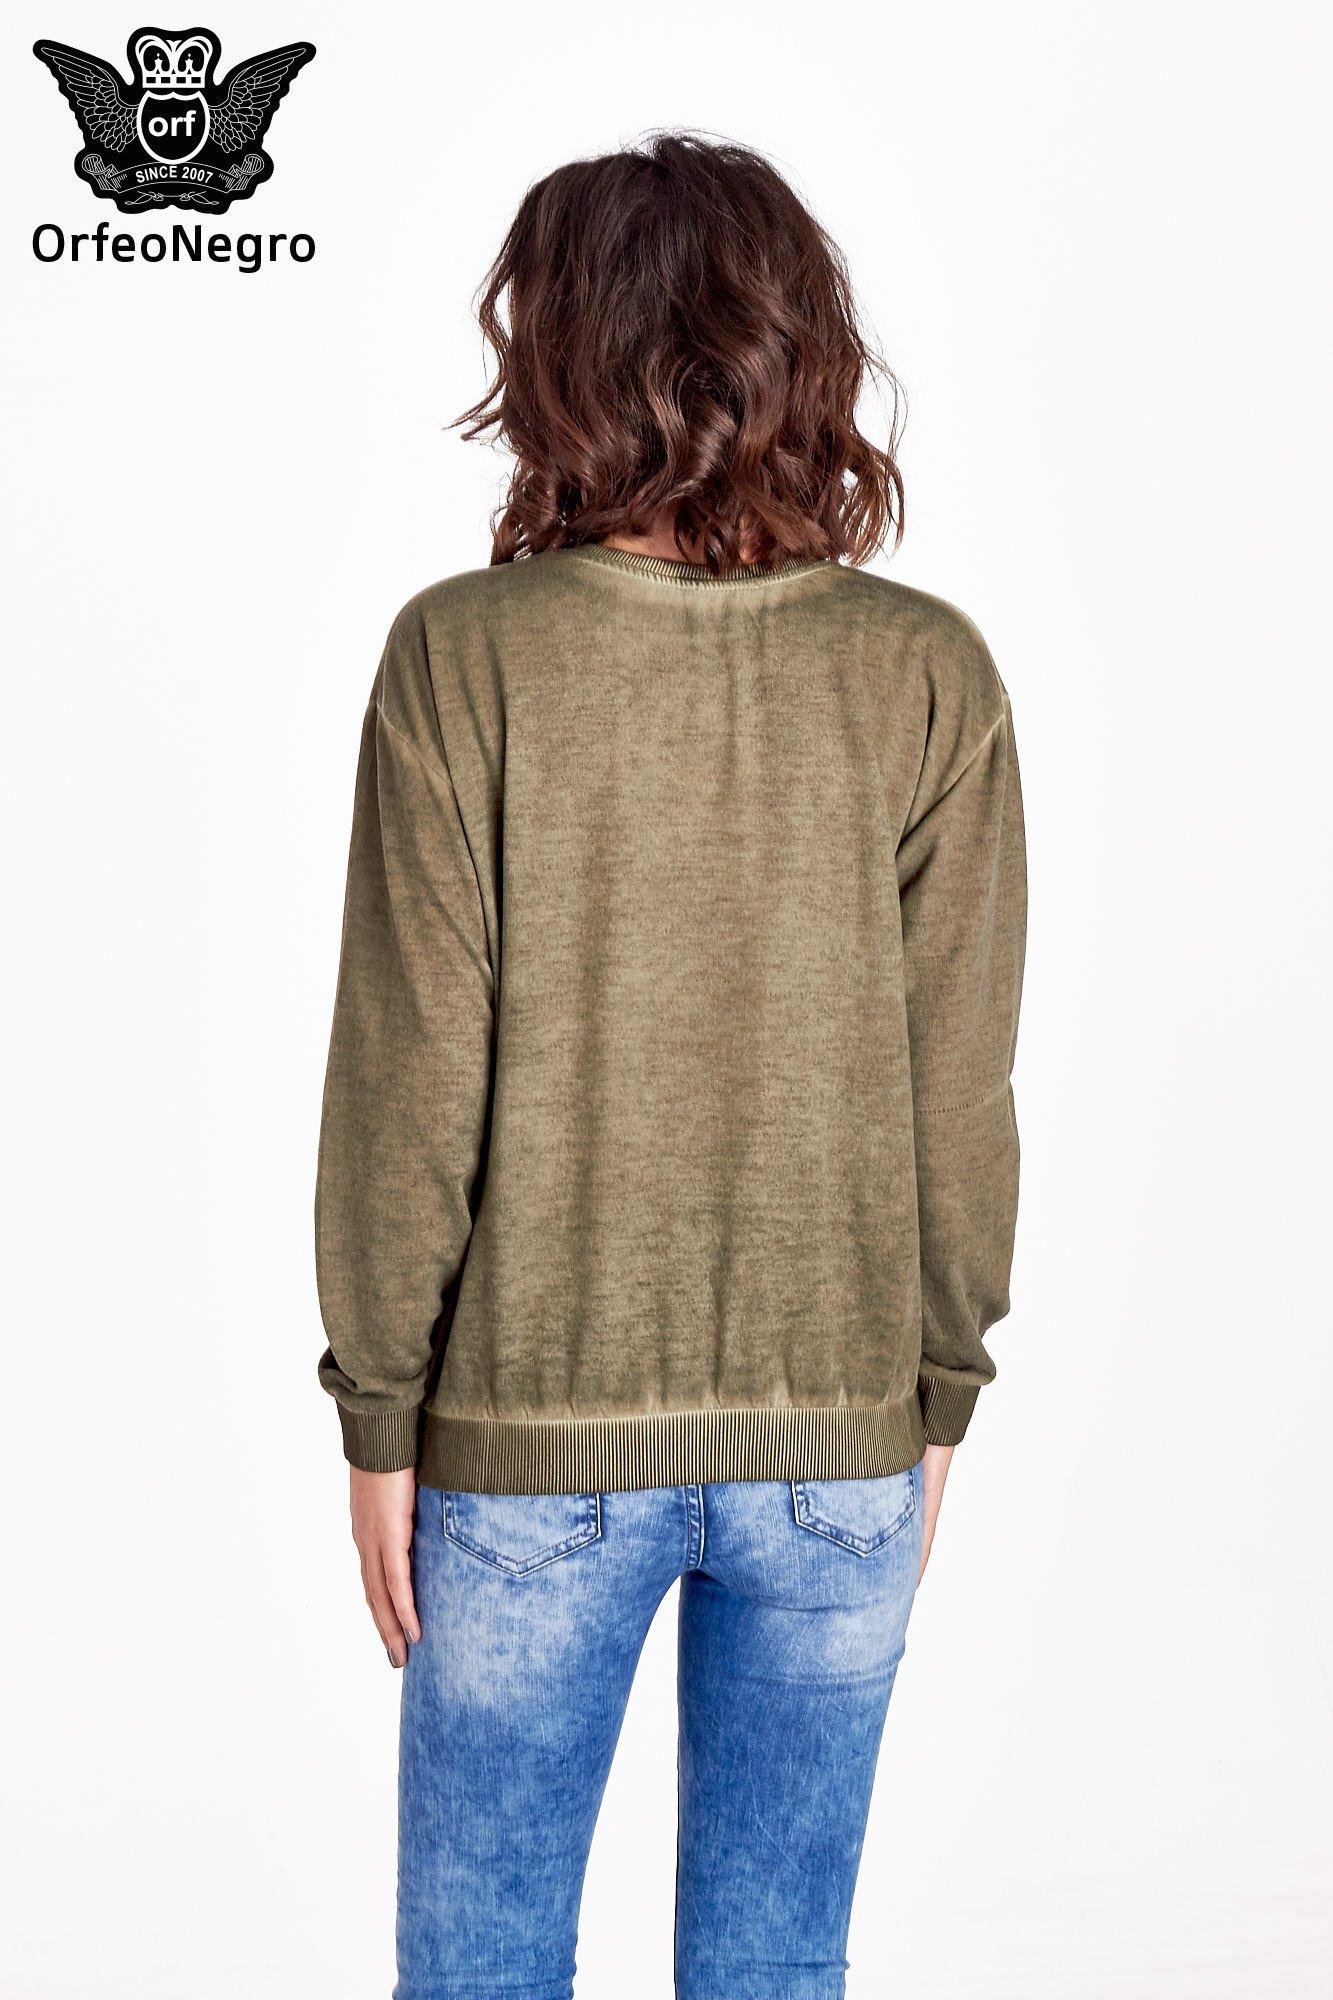 Zielona bluza z numerkiem i efektem dekatyzowania                                  zdj.                                  2